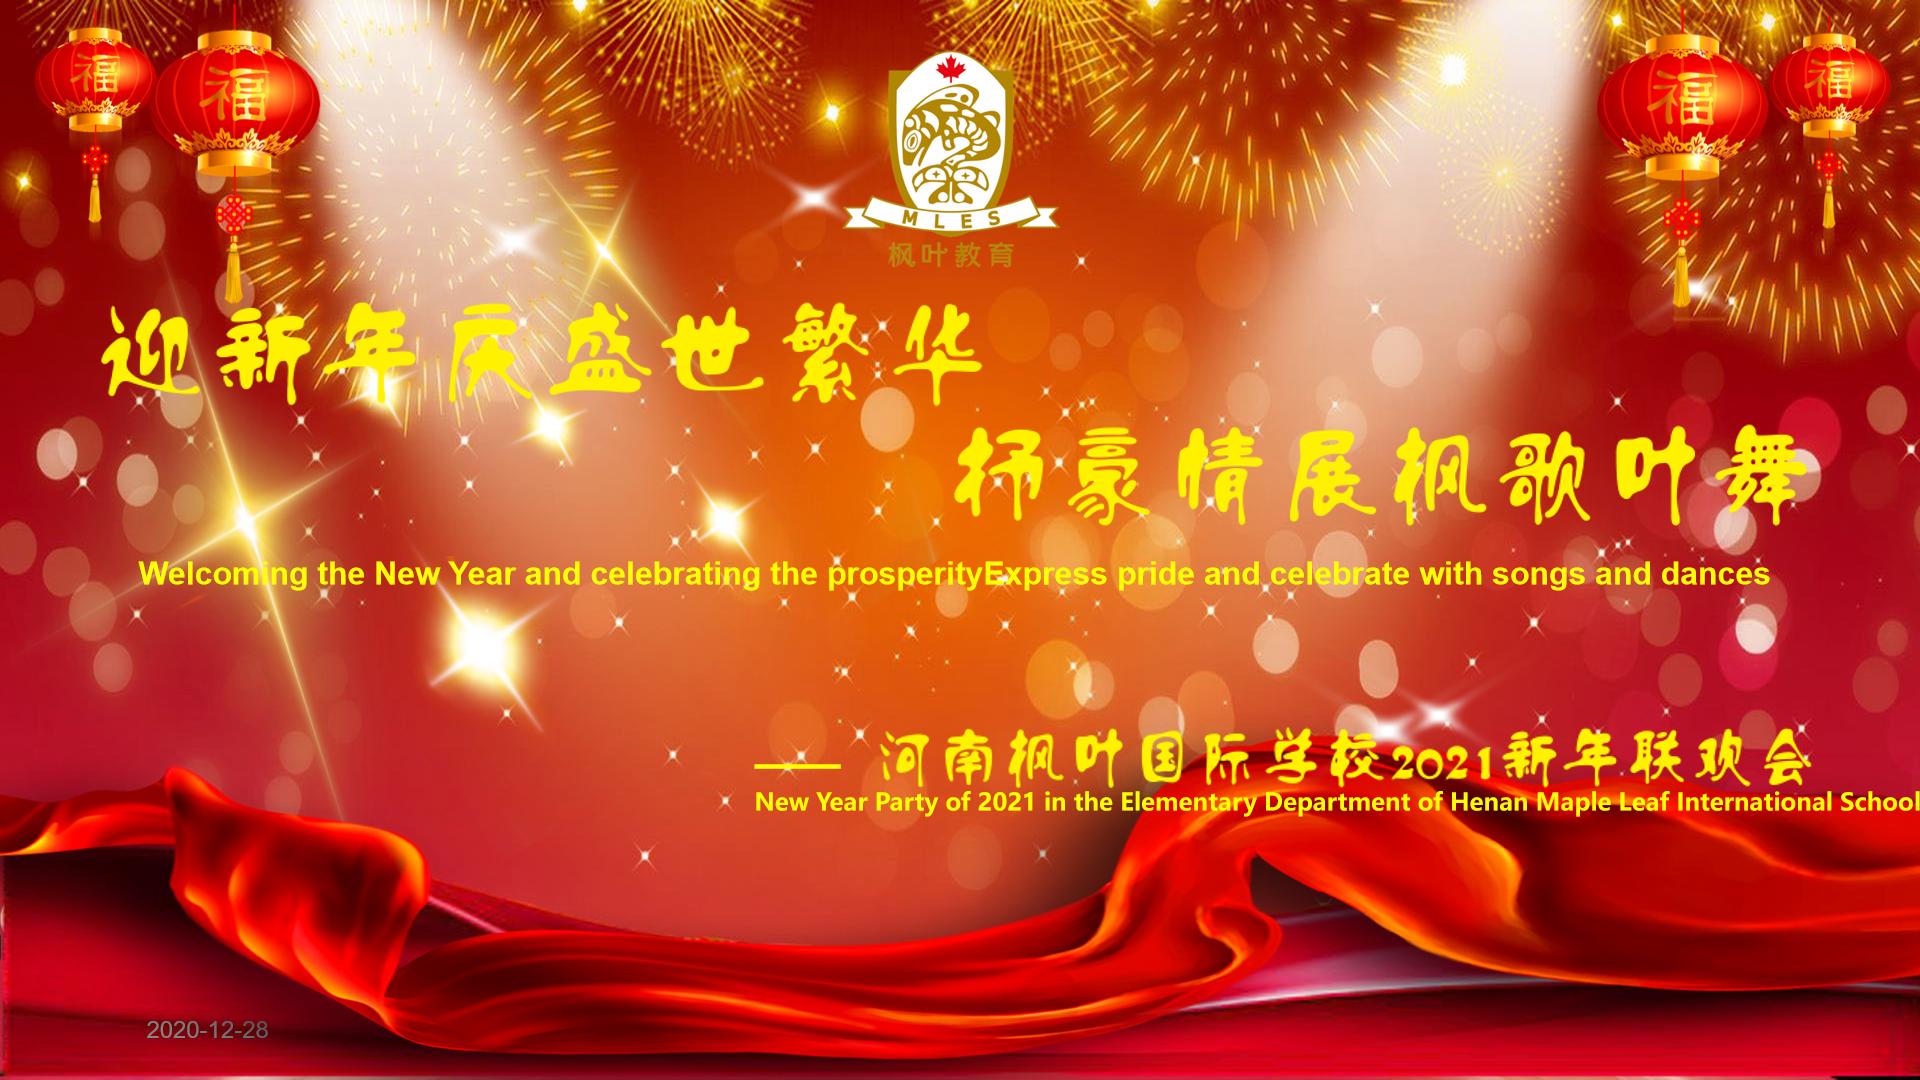 迎新年庆盛世繁华,抒豪情展枫歌叶舞